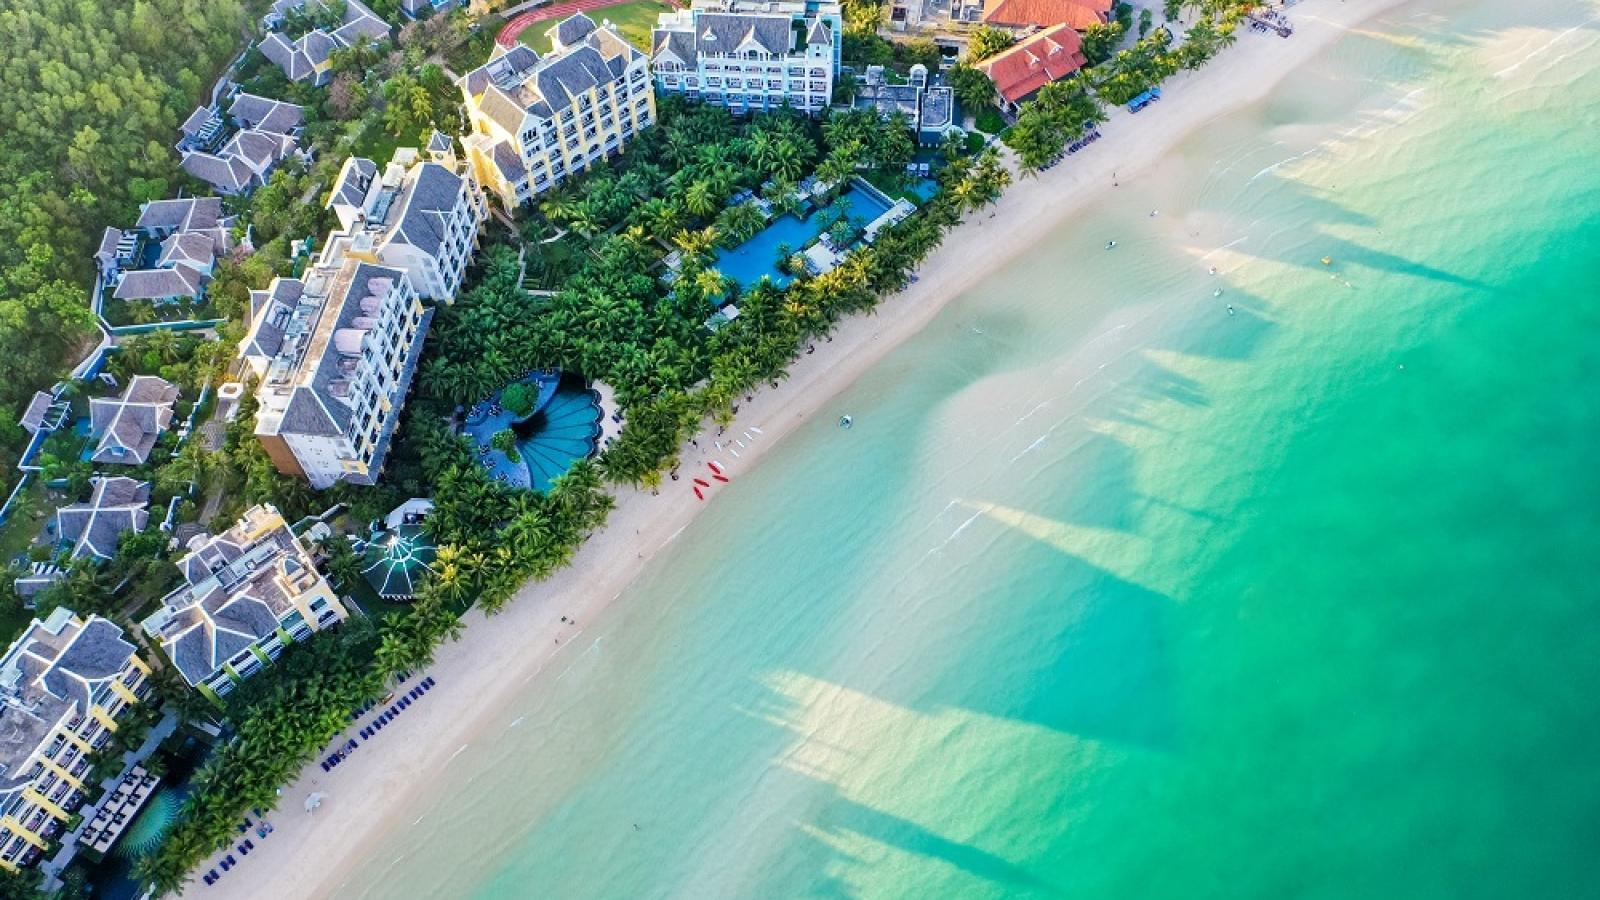 """Nam Phú Quốc, thiên đường du lịch mới, nhà đầu tư """"đổ xô"""" tìm cơ hội"""